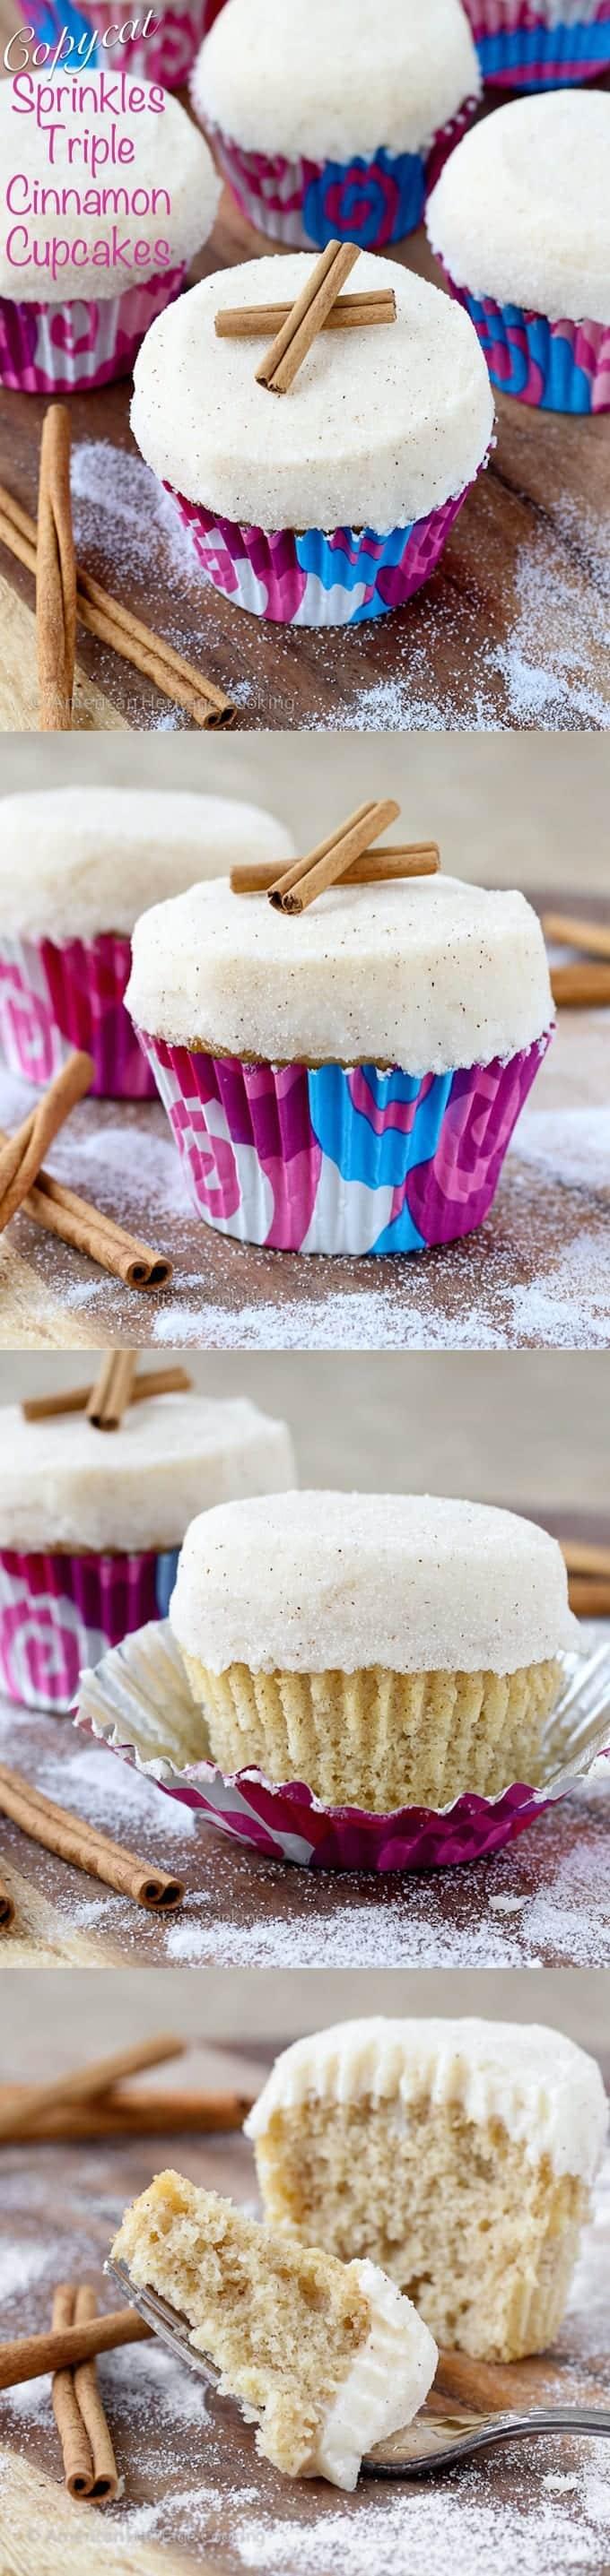 Copycat Sprinkles Triple Cinnamon Cupcake